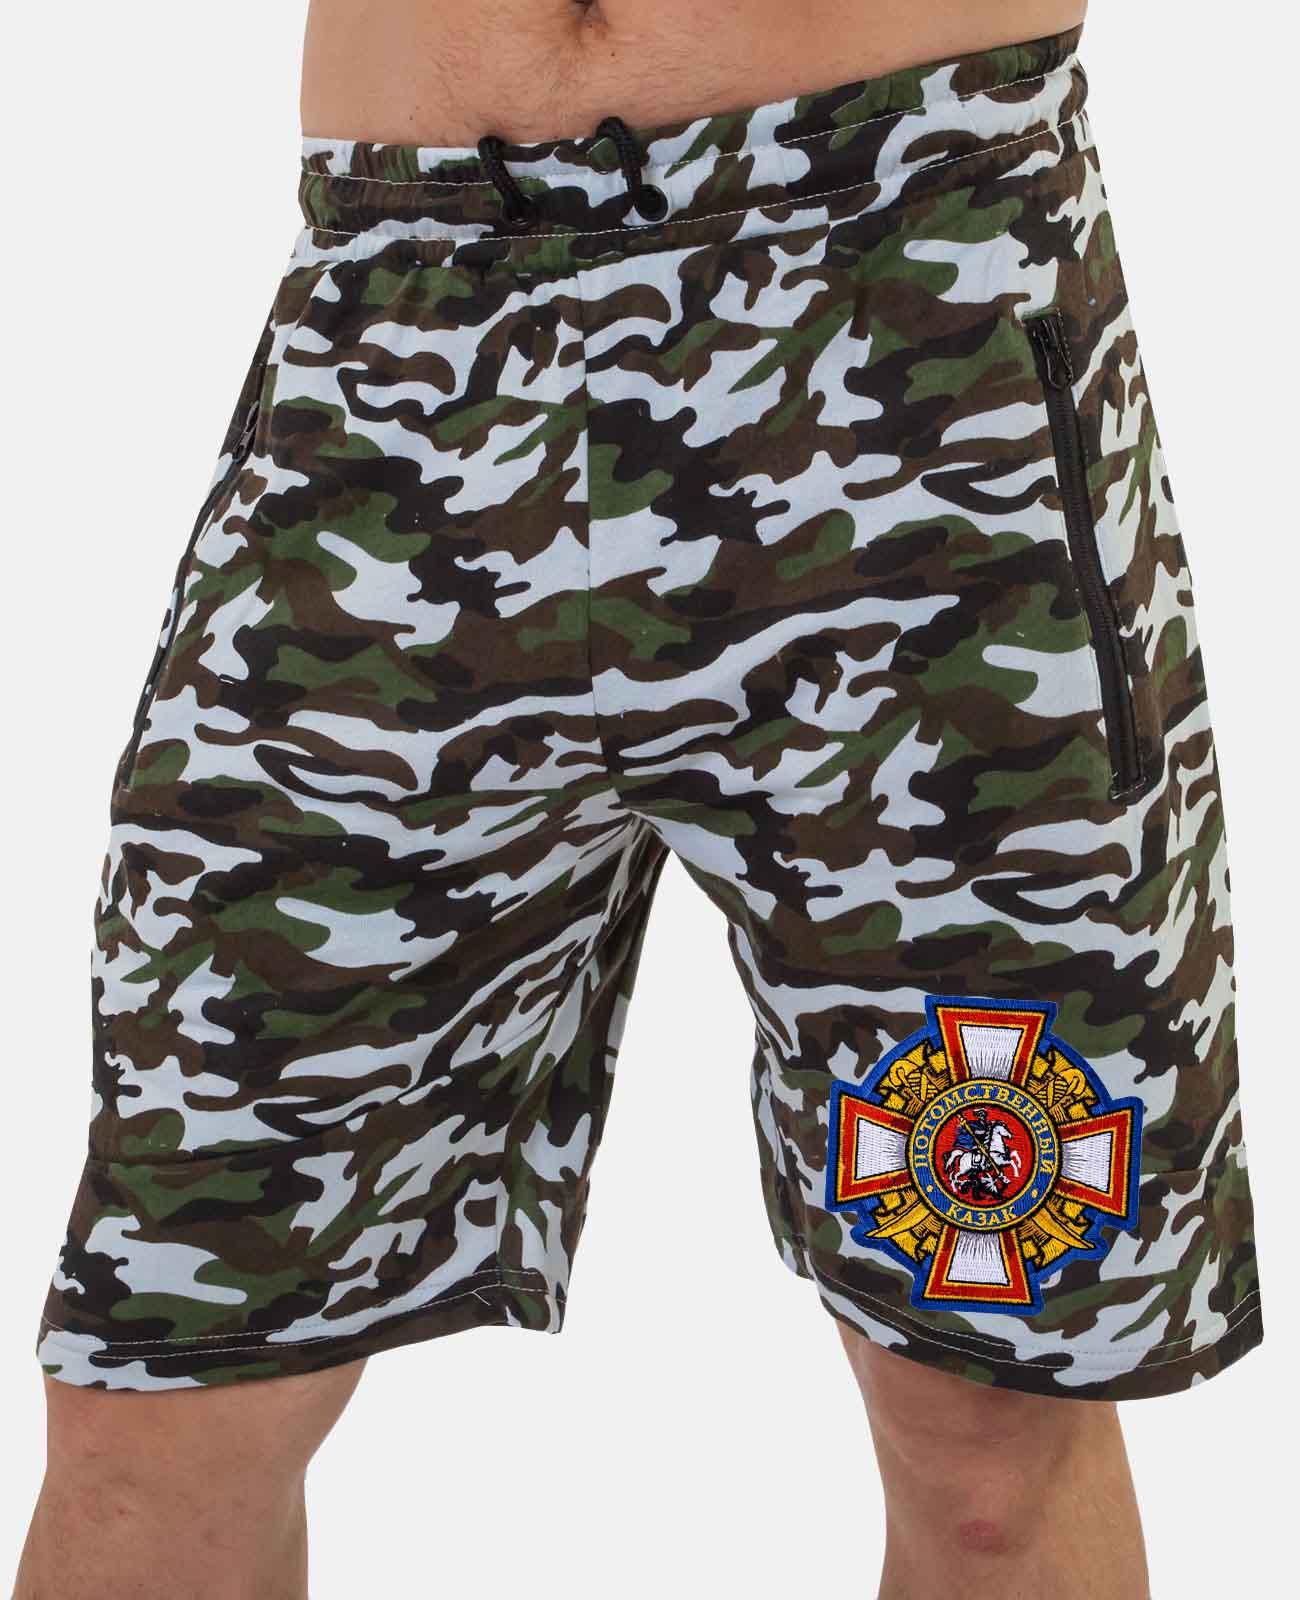 Мужские хлопковые шорты с шевроном Потомственного казака  купить в подарок